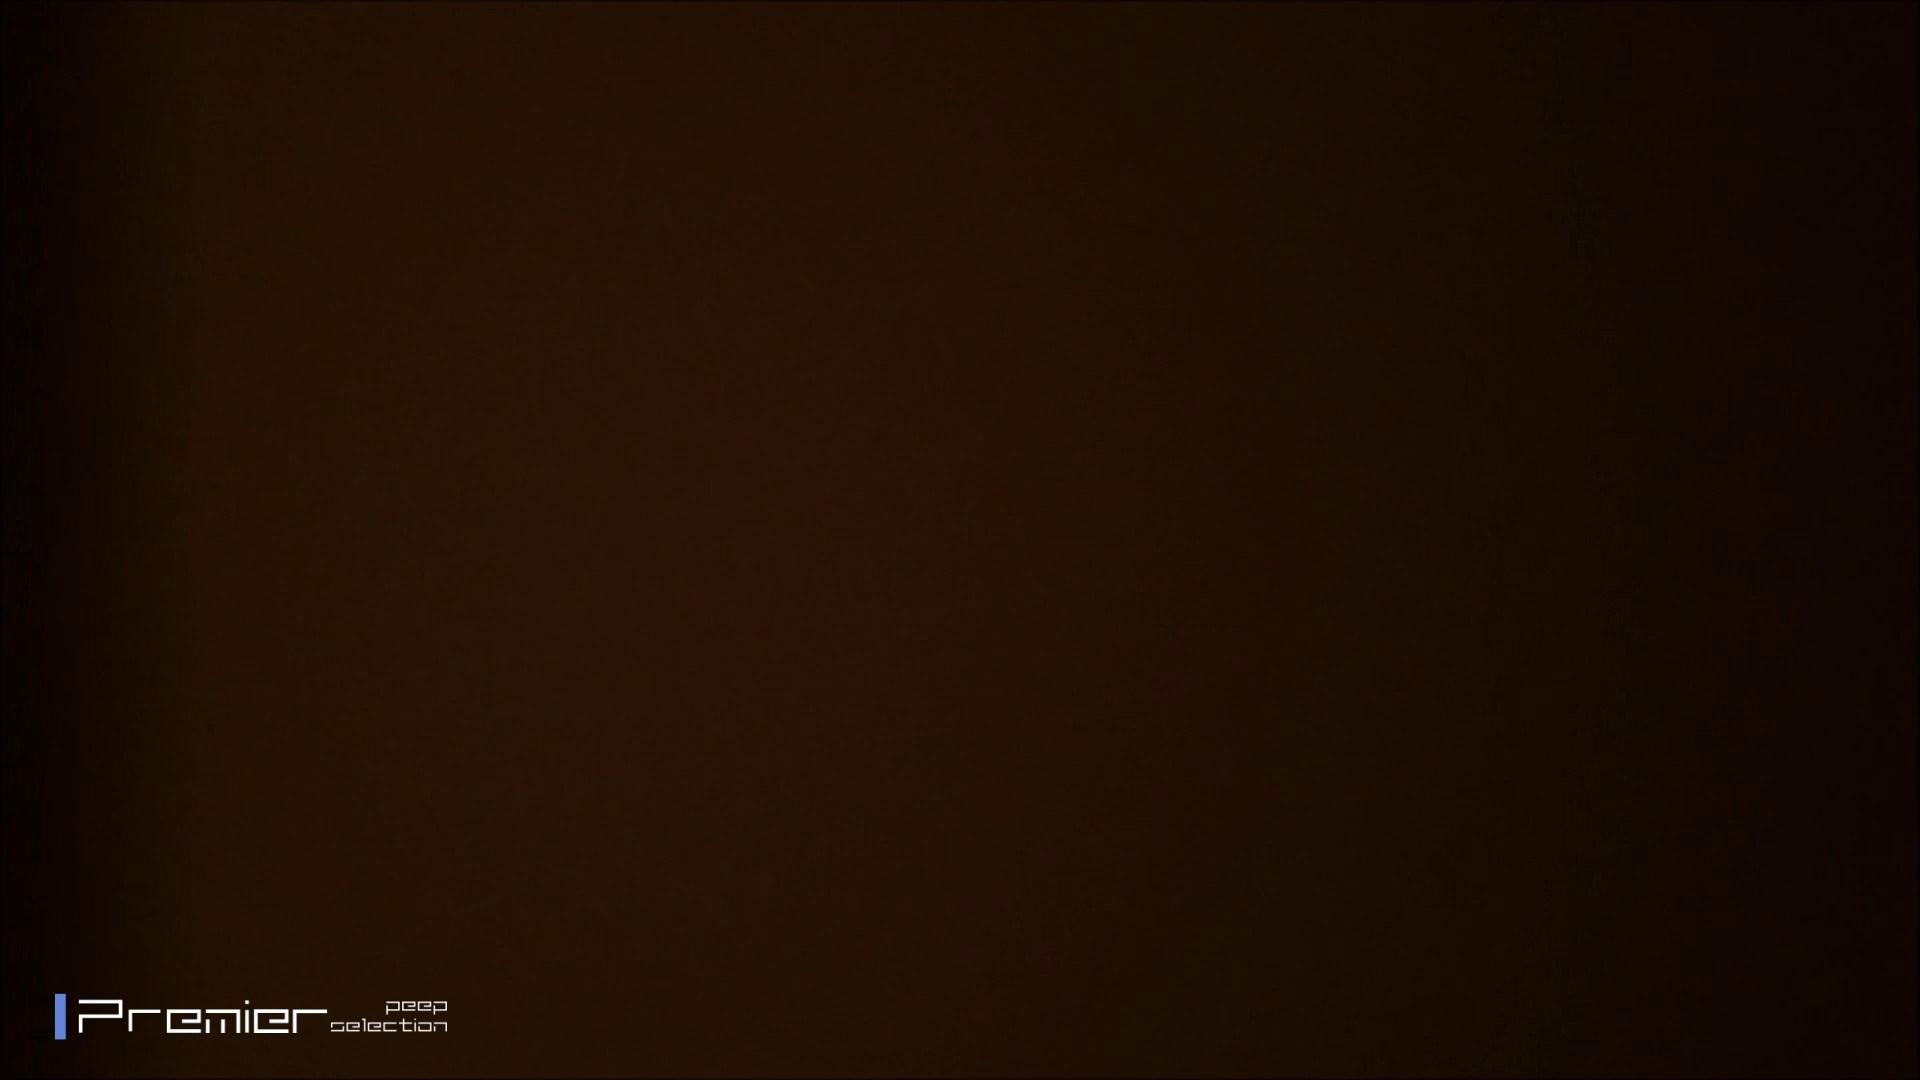 シャワーのお湯を跳ね返すお肌 乙女の風呂場 Vol.03 盗撮 われめAV動画紹介 78PIX 63